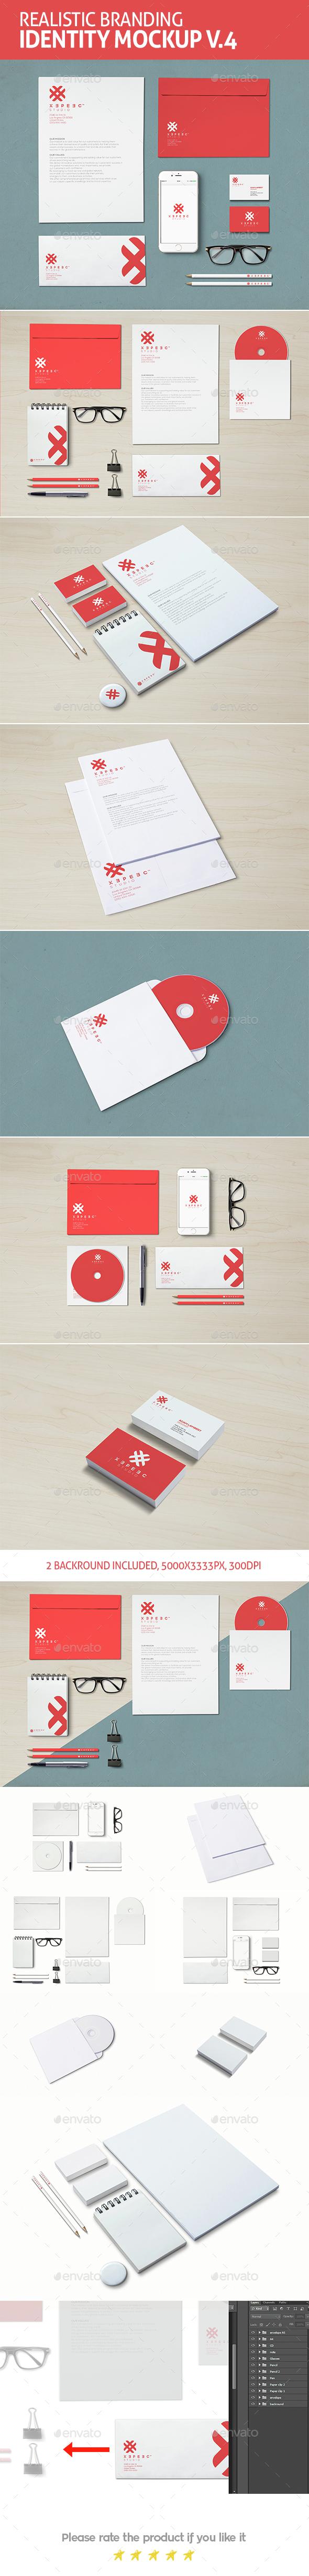 Realistic Branding & Identity Design Mockups V4 - Stationery Print